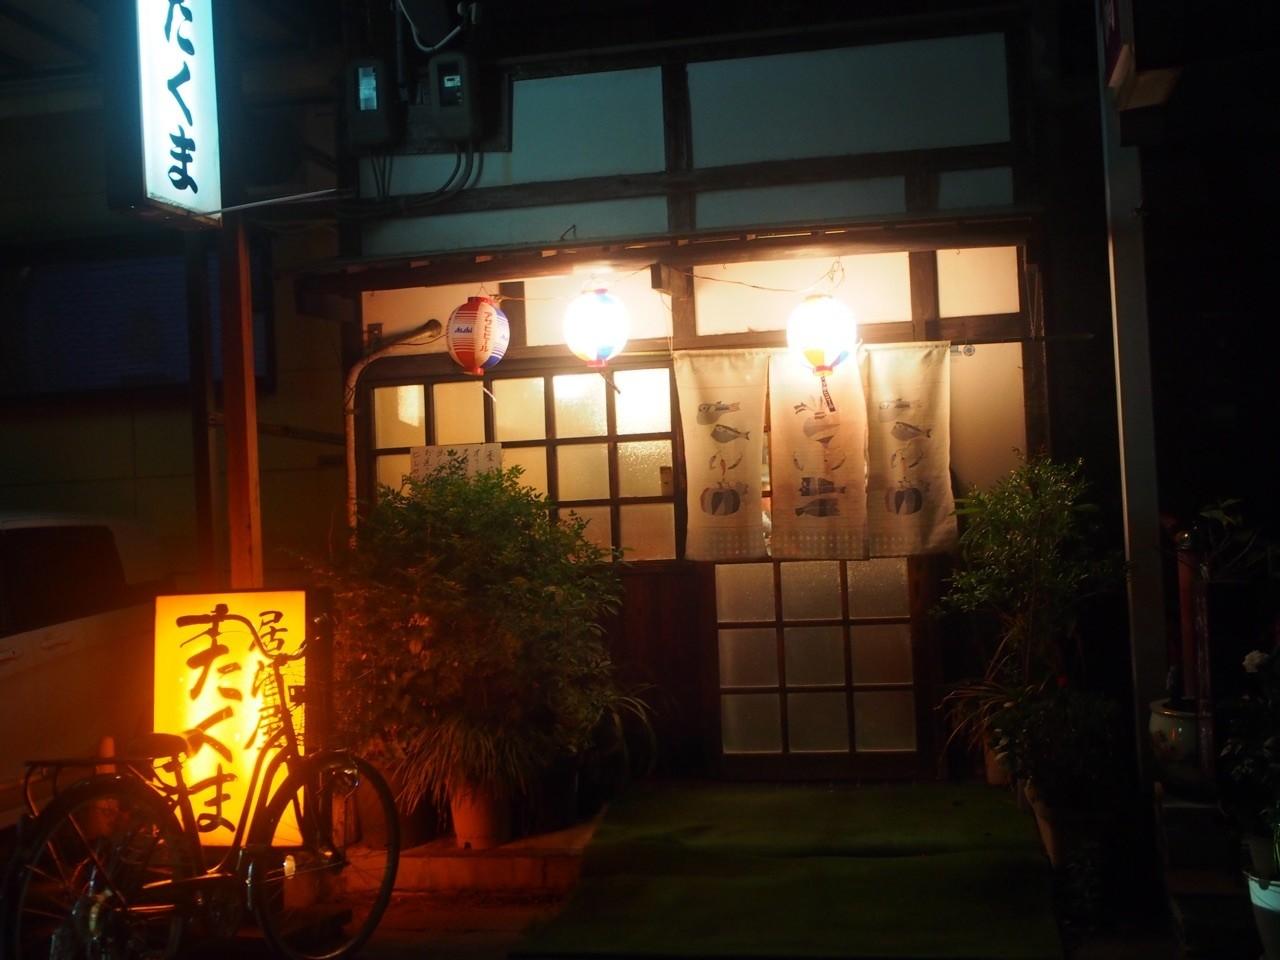 日本大阪中百舌鳥居酒屋